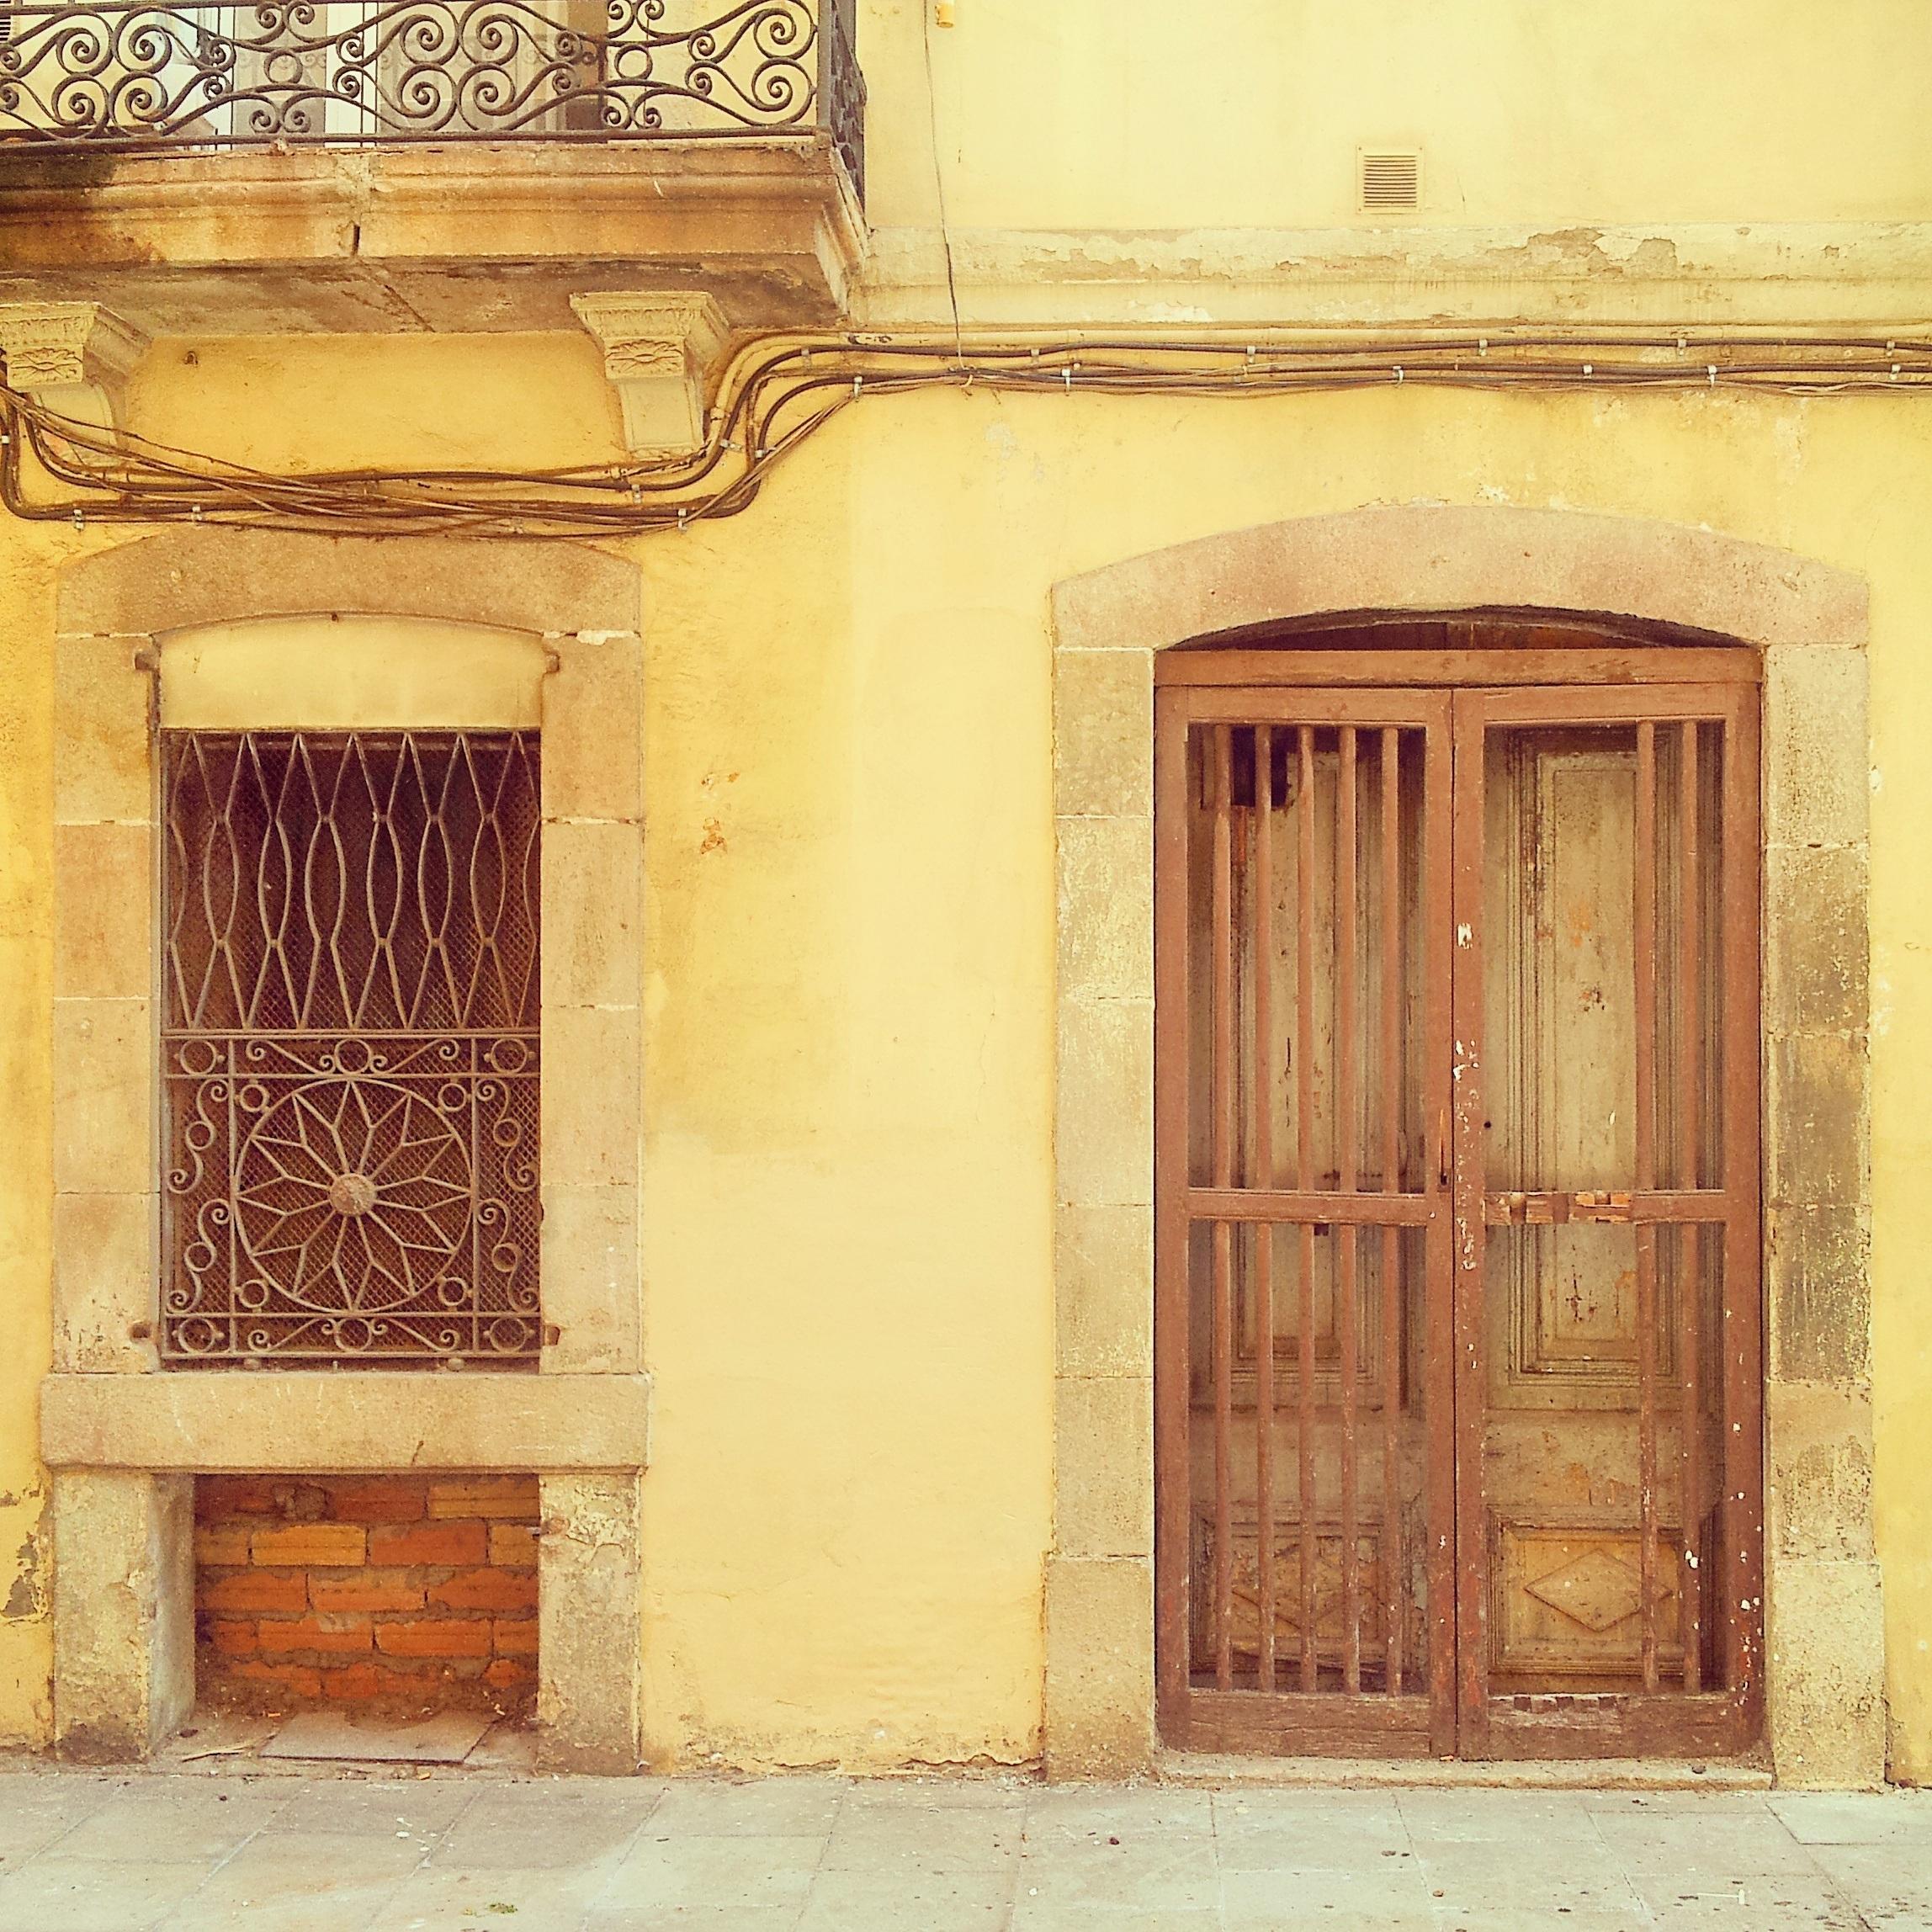 images gratuites architecture bois manoir fen tre vieux mur pierre balcon cambre. Black Bedroom Furniture Sets. Home Design Ideas